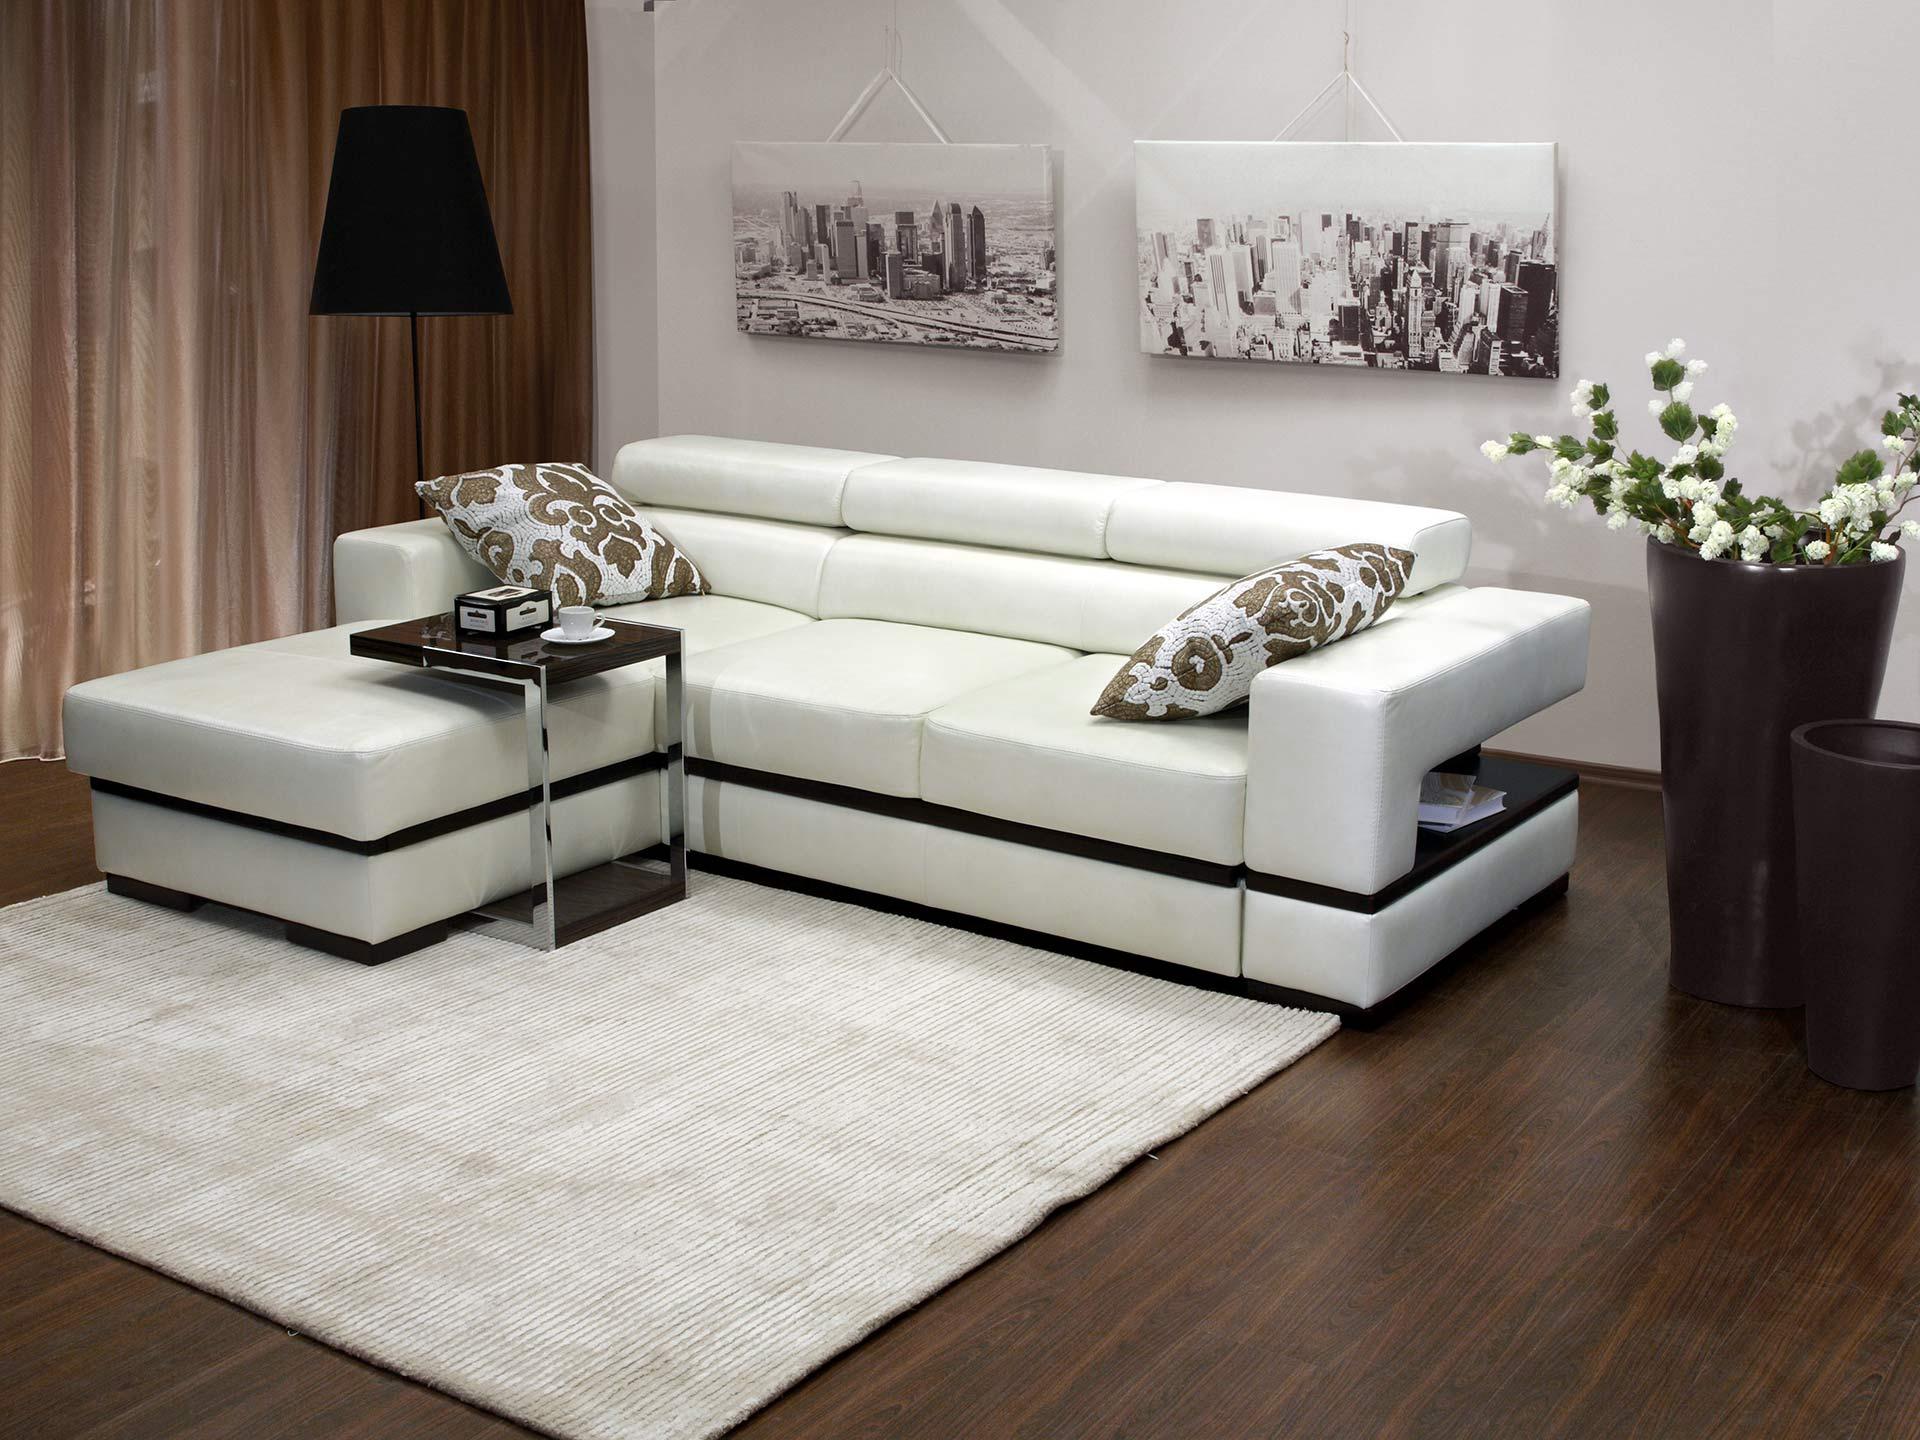 Черно-белый диван с оттоманкой в интерьере гостиной